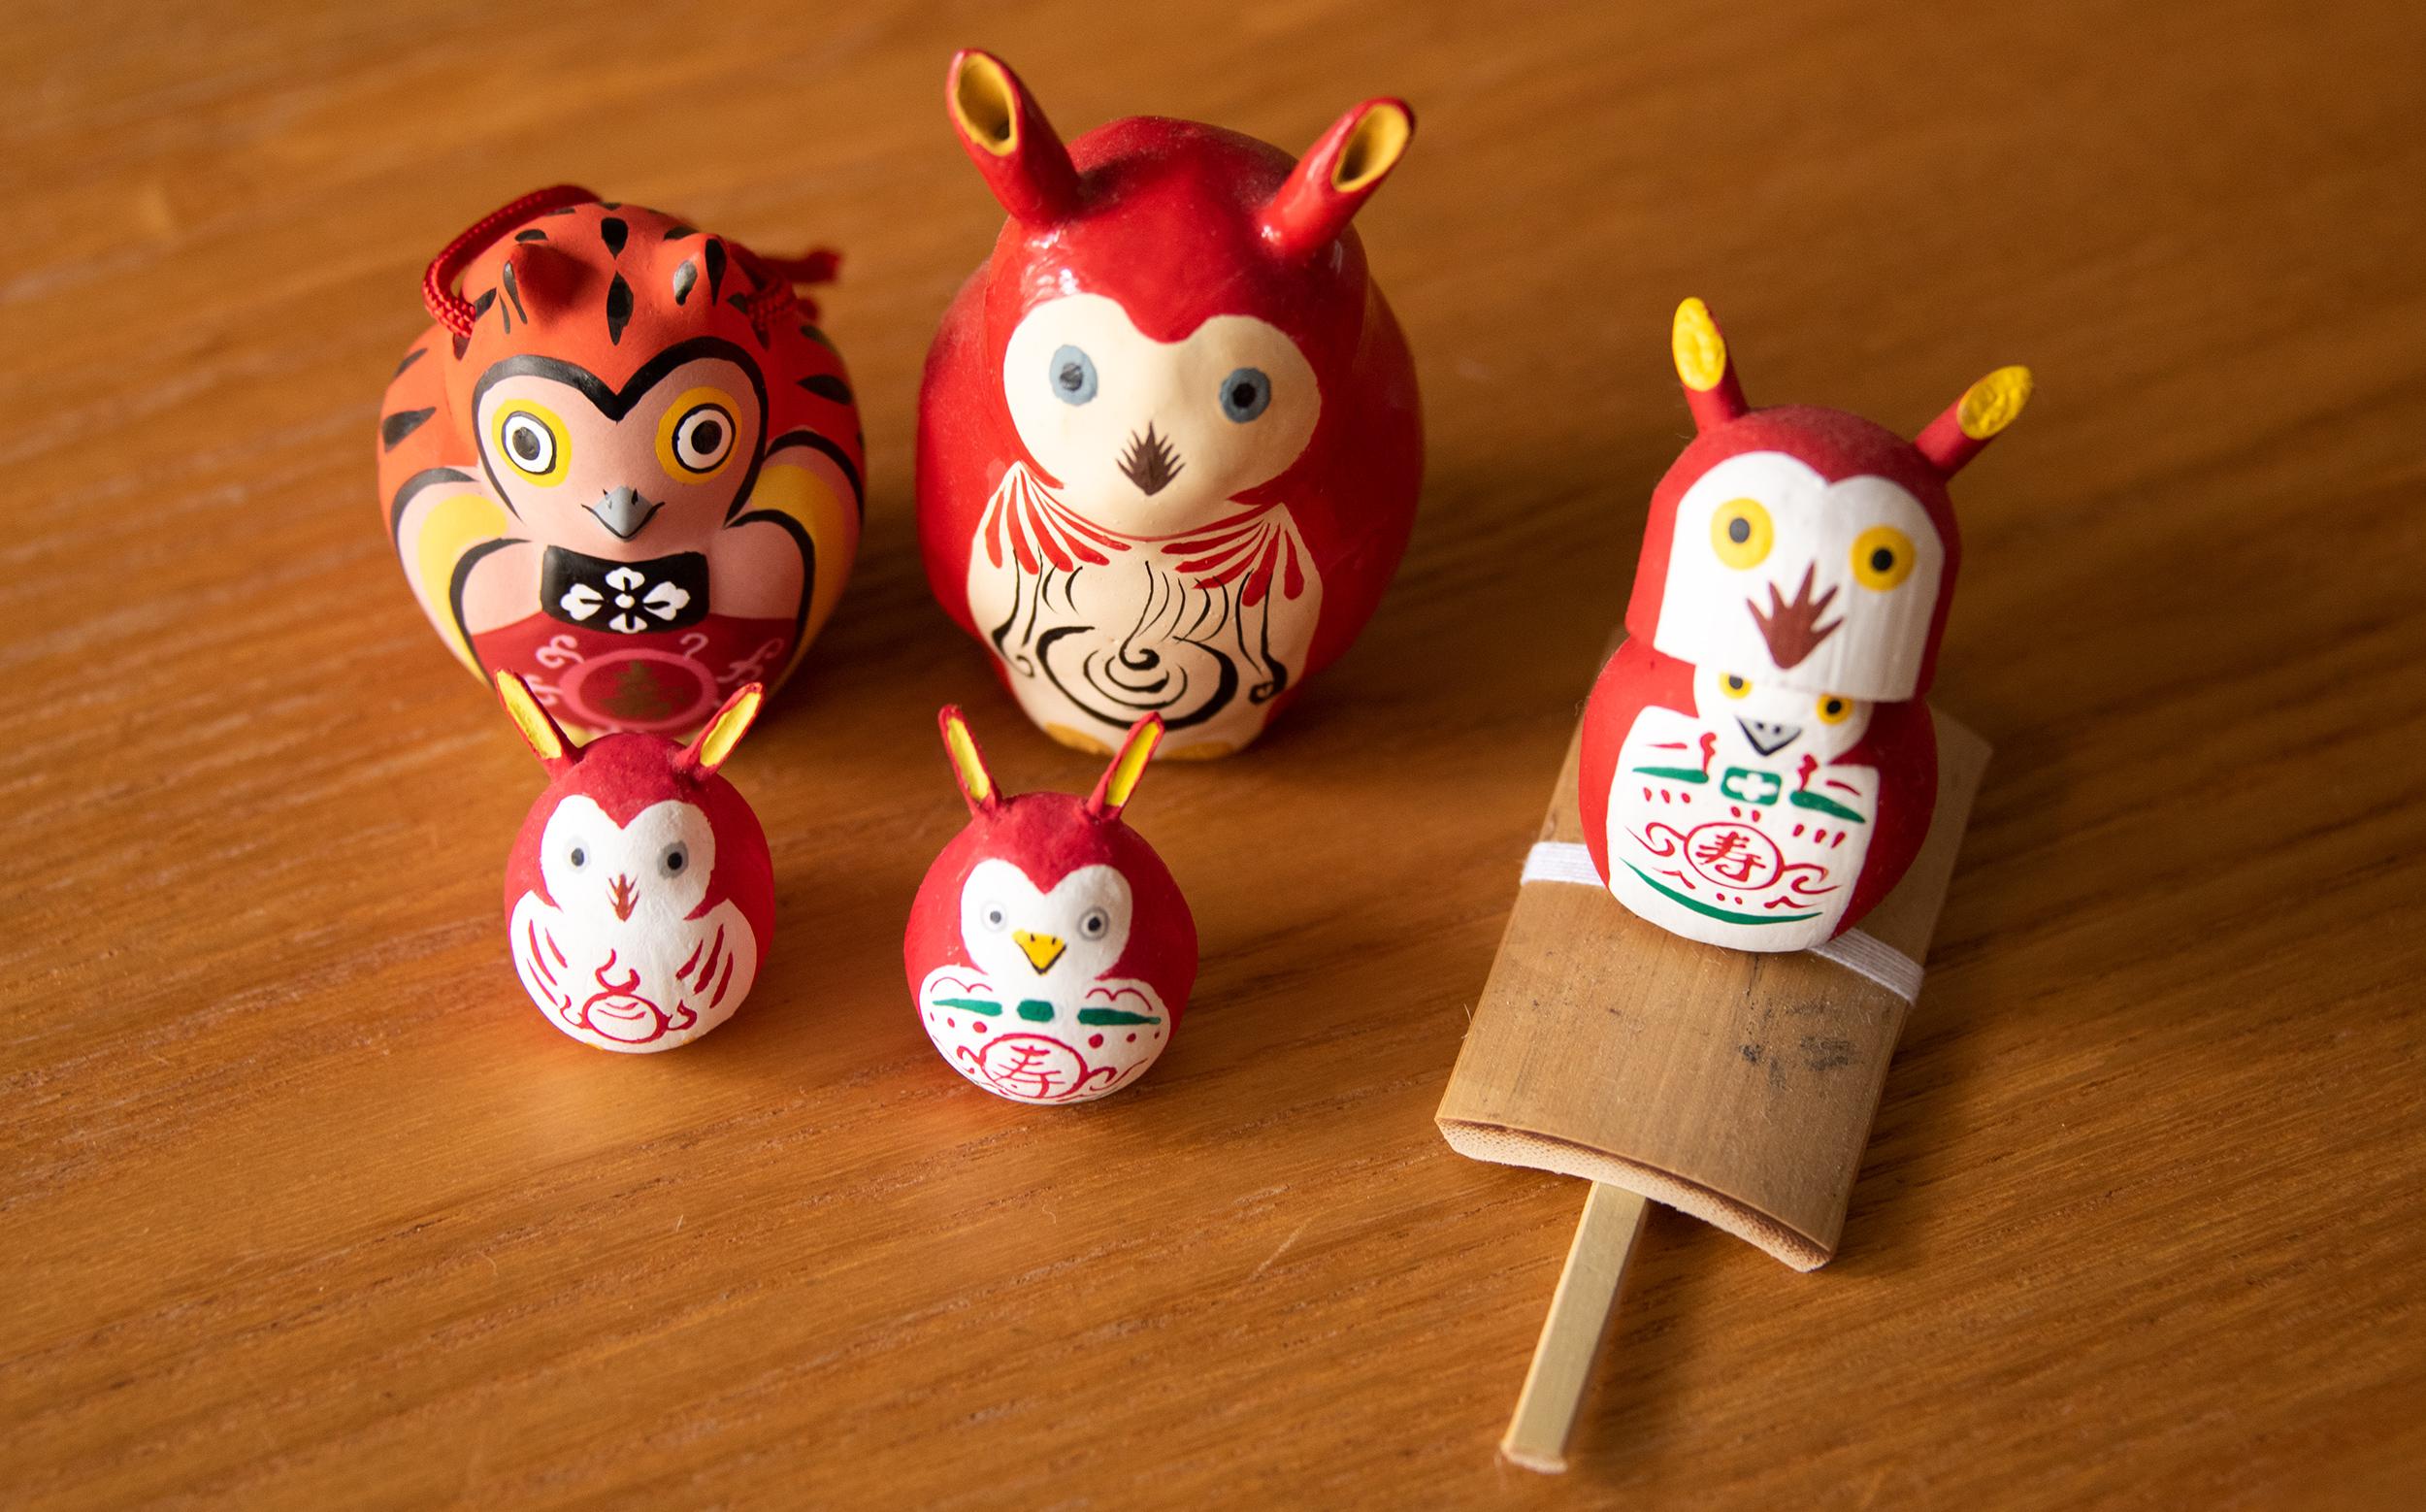 江戸趣味小玩具仲見世 助六と勅使川原型犬張り子江戸玩具制作 工房もんもの赤みみずく